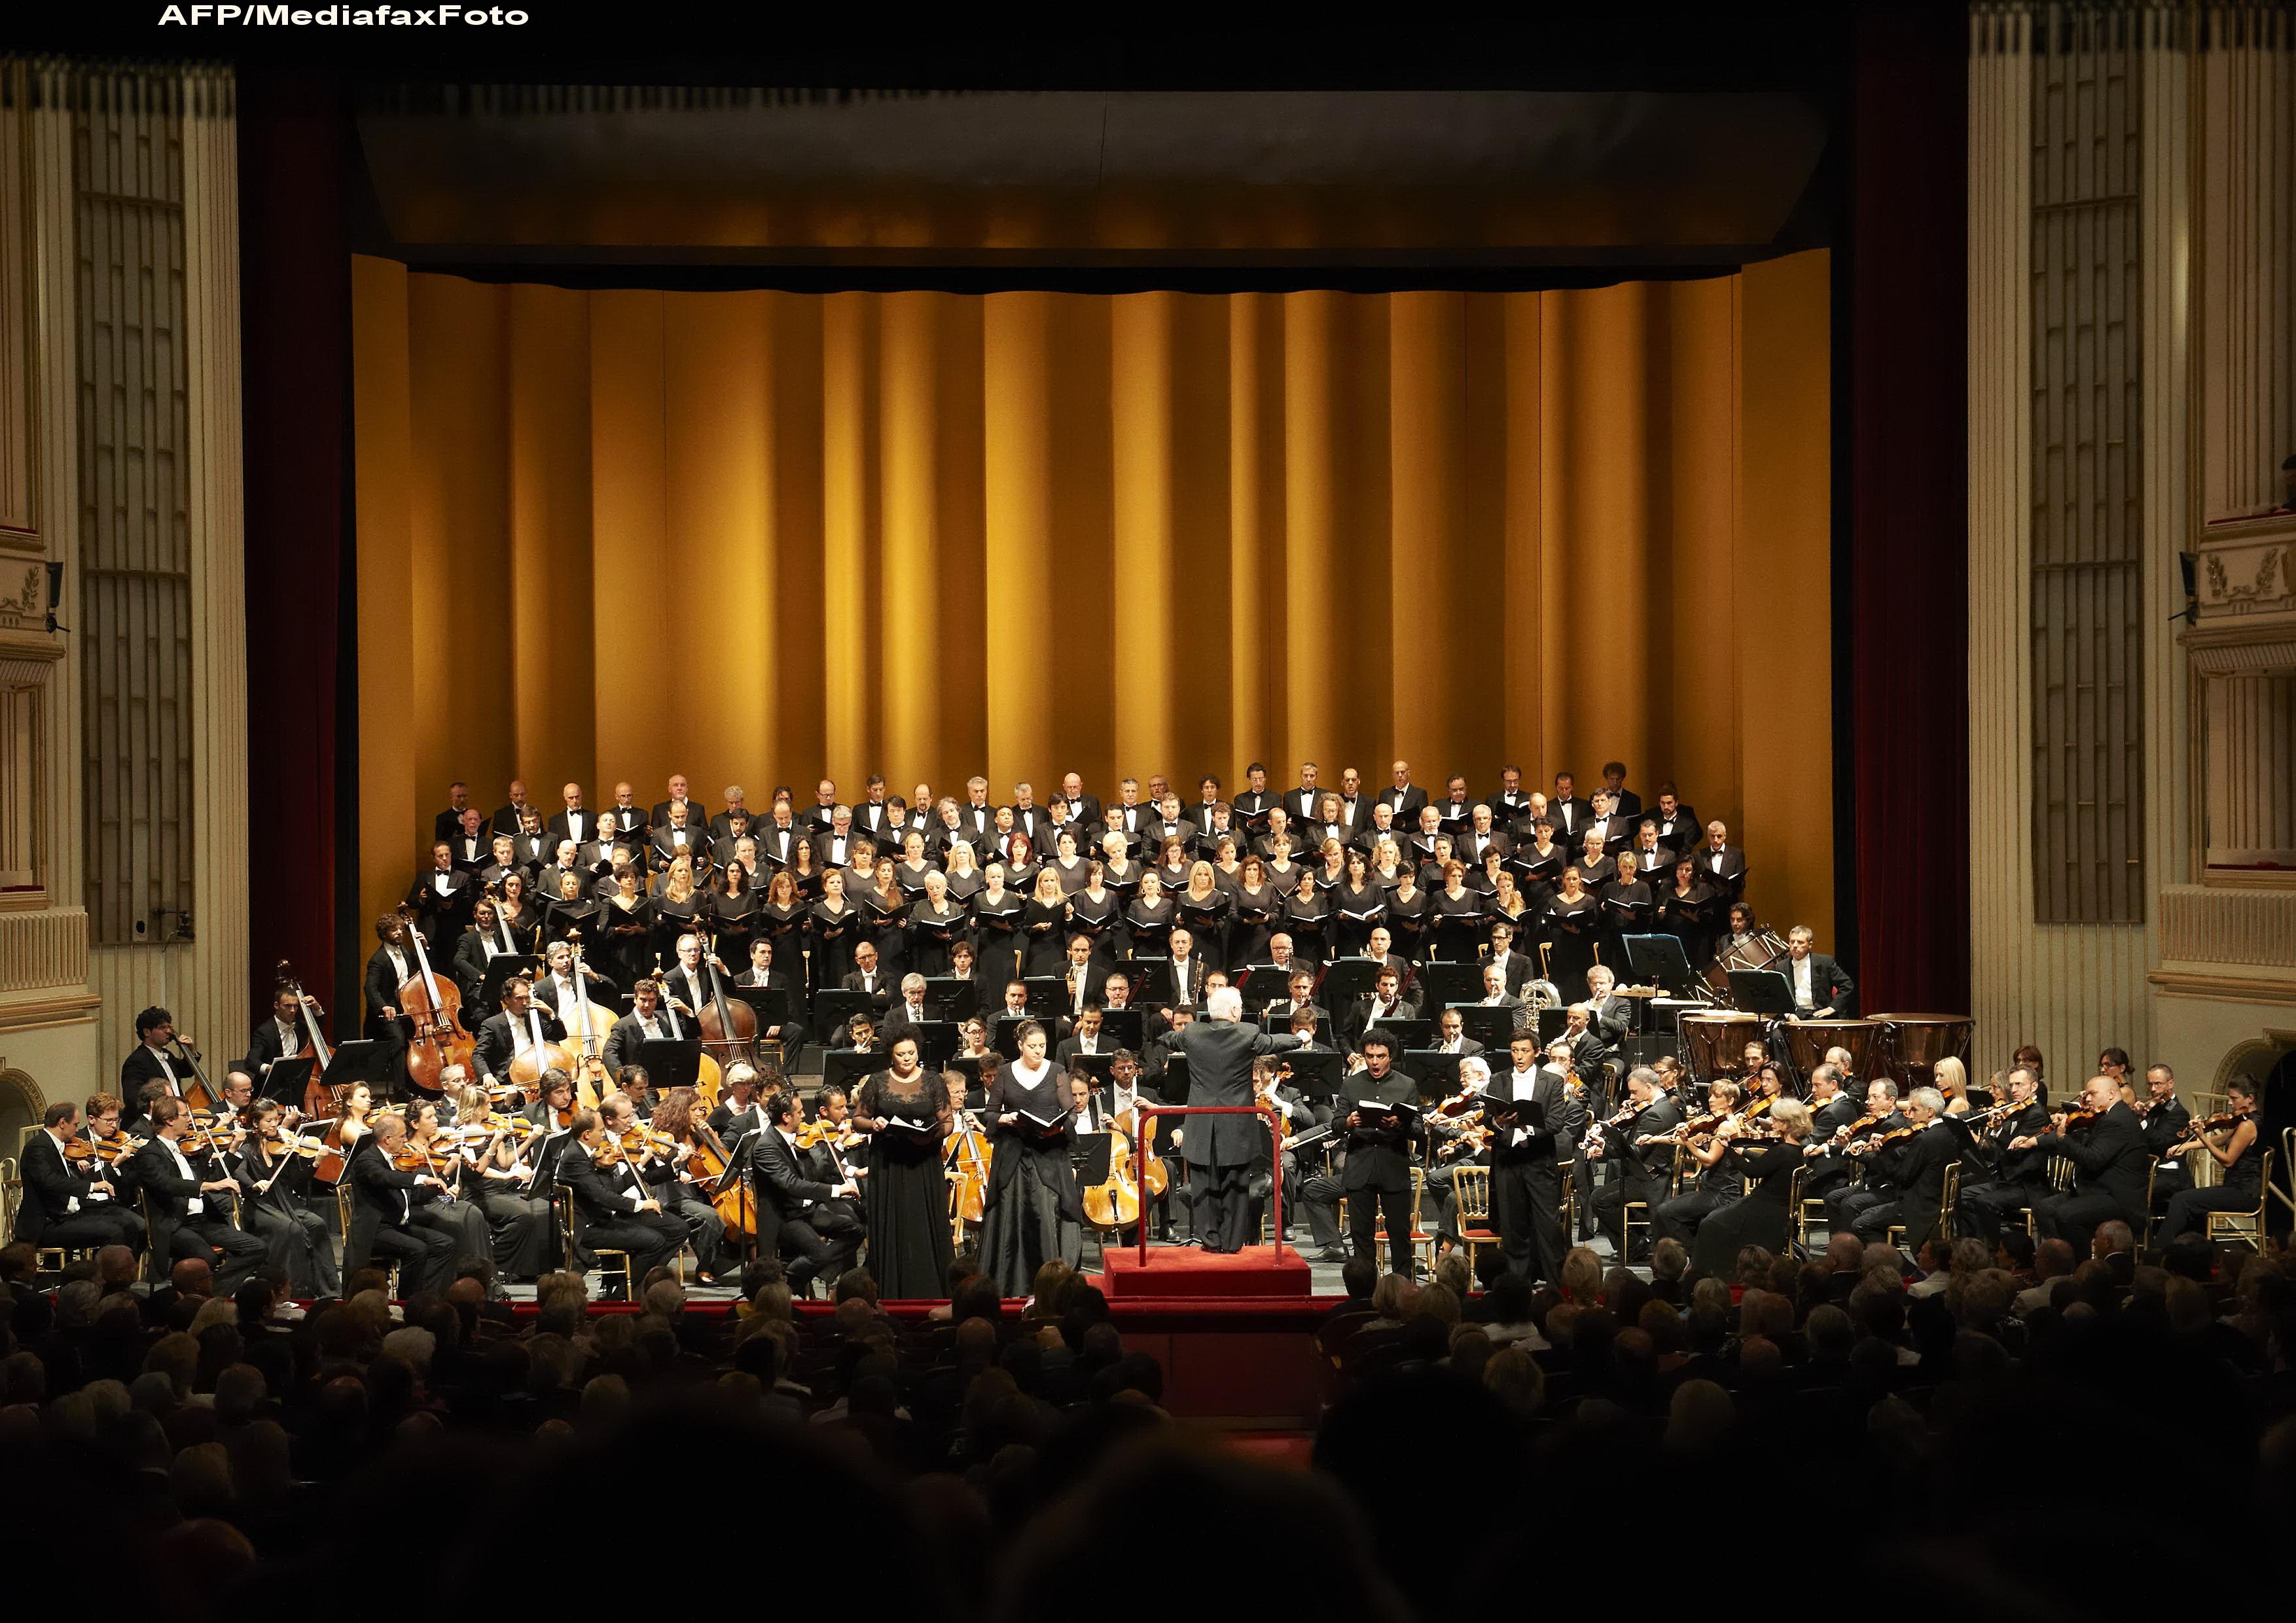 AUDIO. Ludwig van Beethoven a compus din nou, la 200 de ani de la moartea sa. Experiment cu ADN